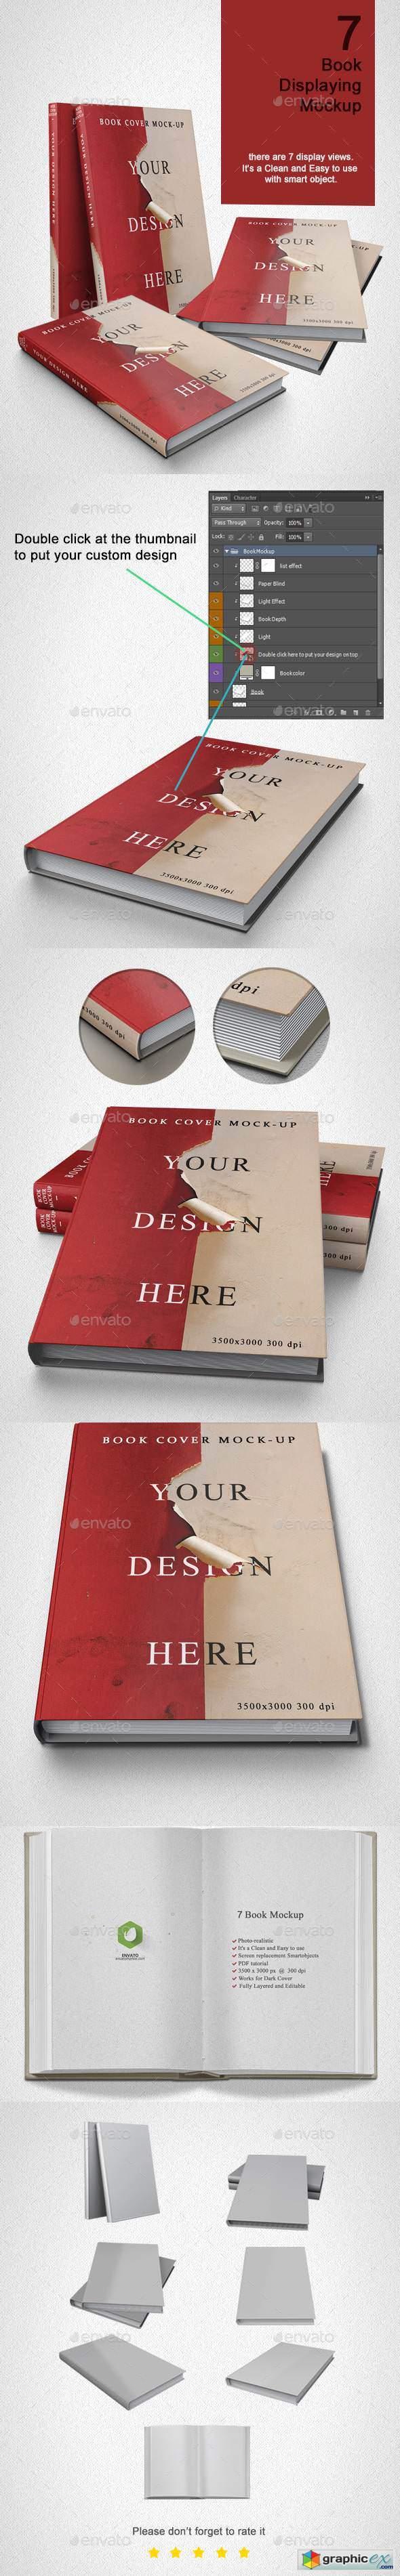 Book Mock up - 7 Model 21973325